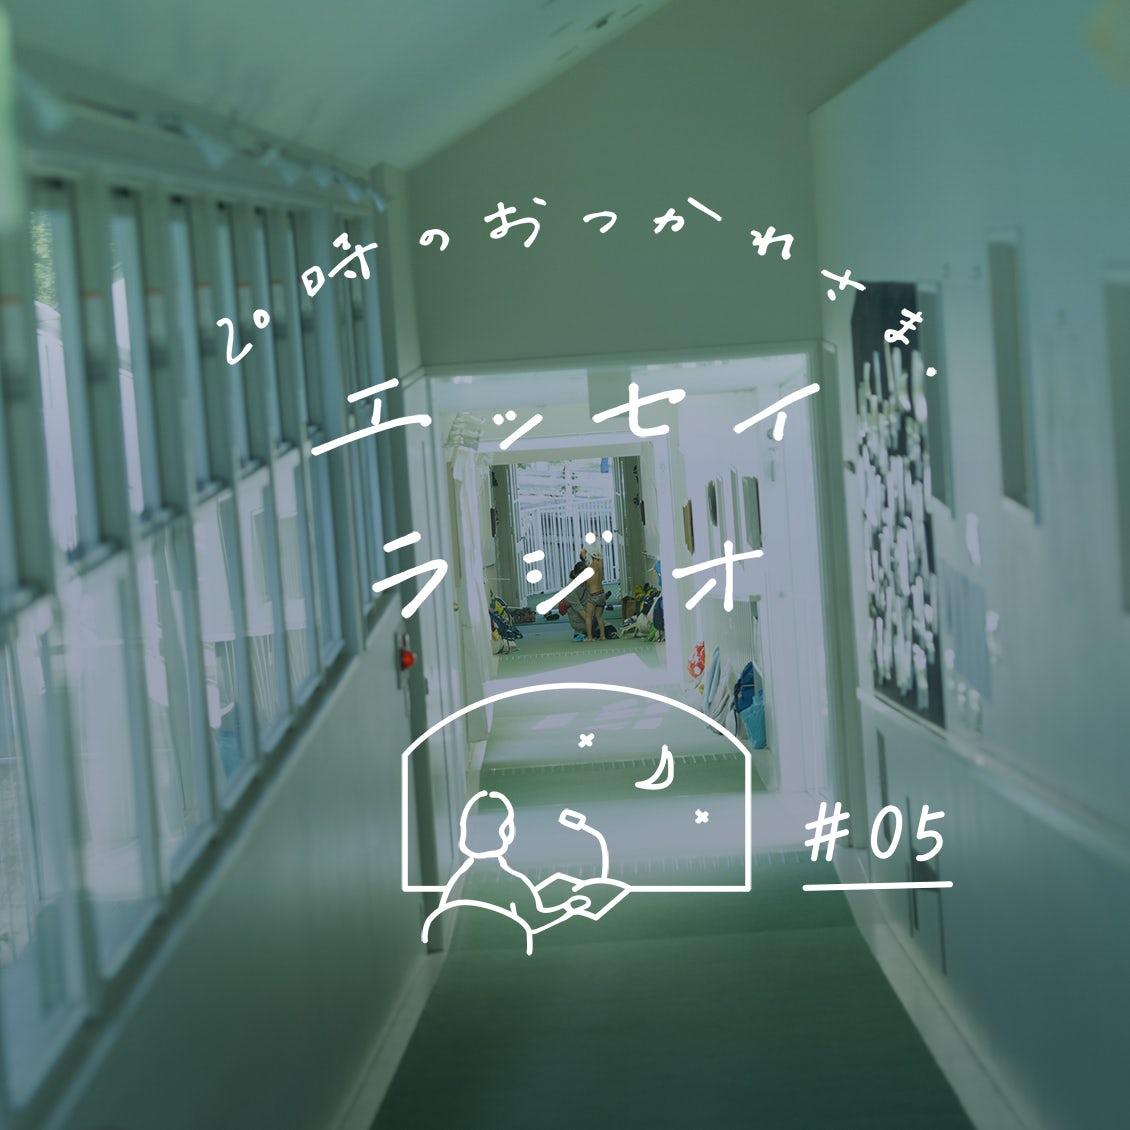 【エッセイラジオ】第5夜:齋藤 美和さんのエッセイ「1センチの背伸び」(読み手:スタッフ寿山)